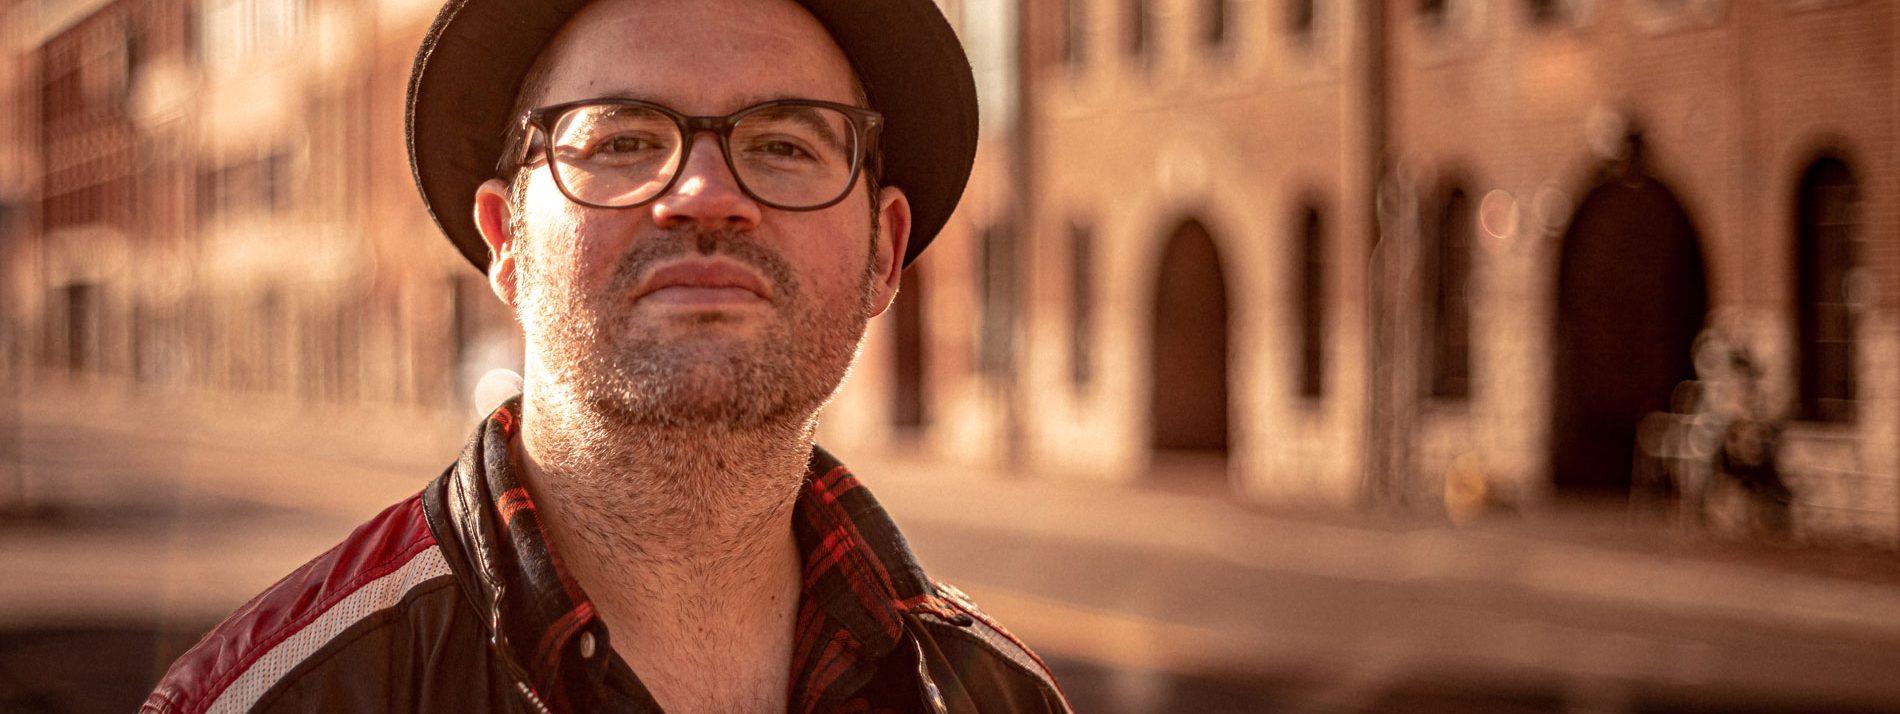 Portrait-by-Michael-J